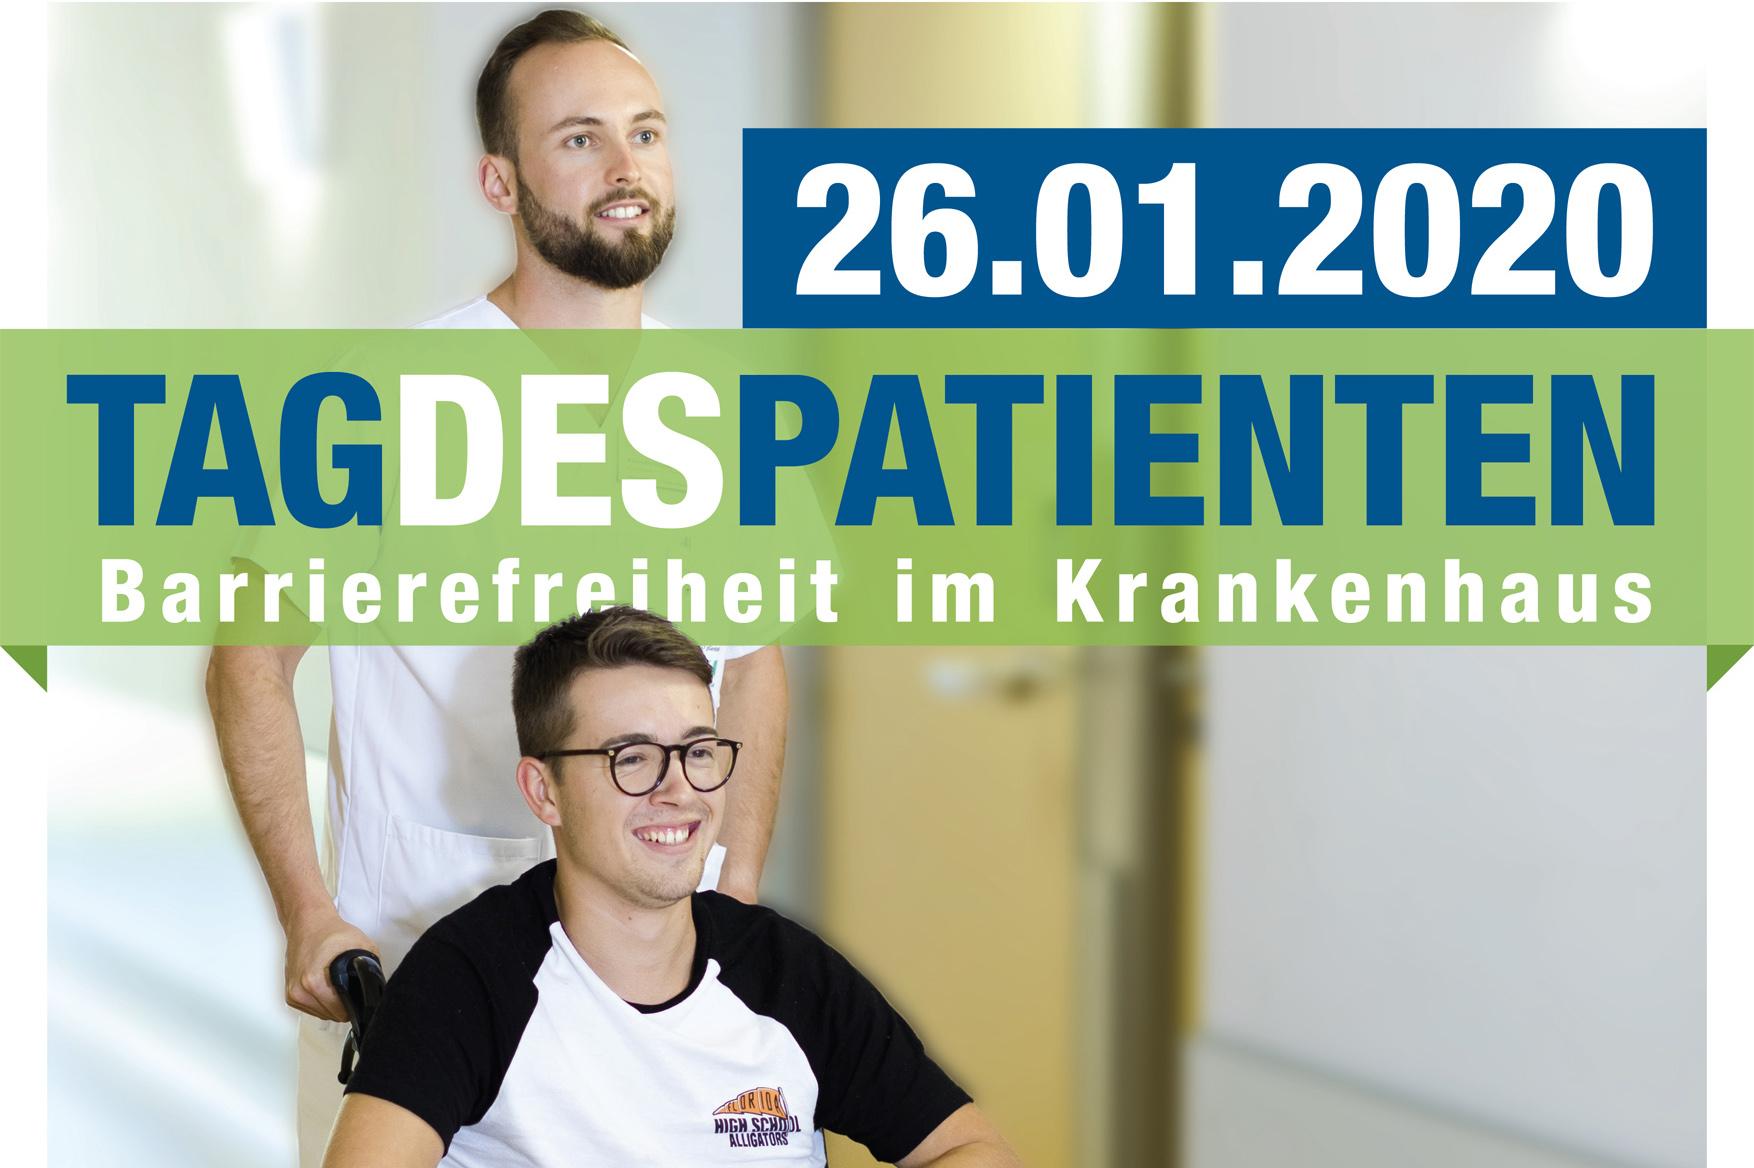 Tag des Patienten 2020: Kliniken für Barrierefreiheit